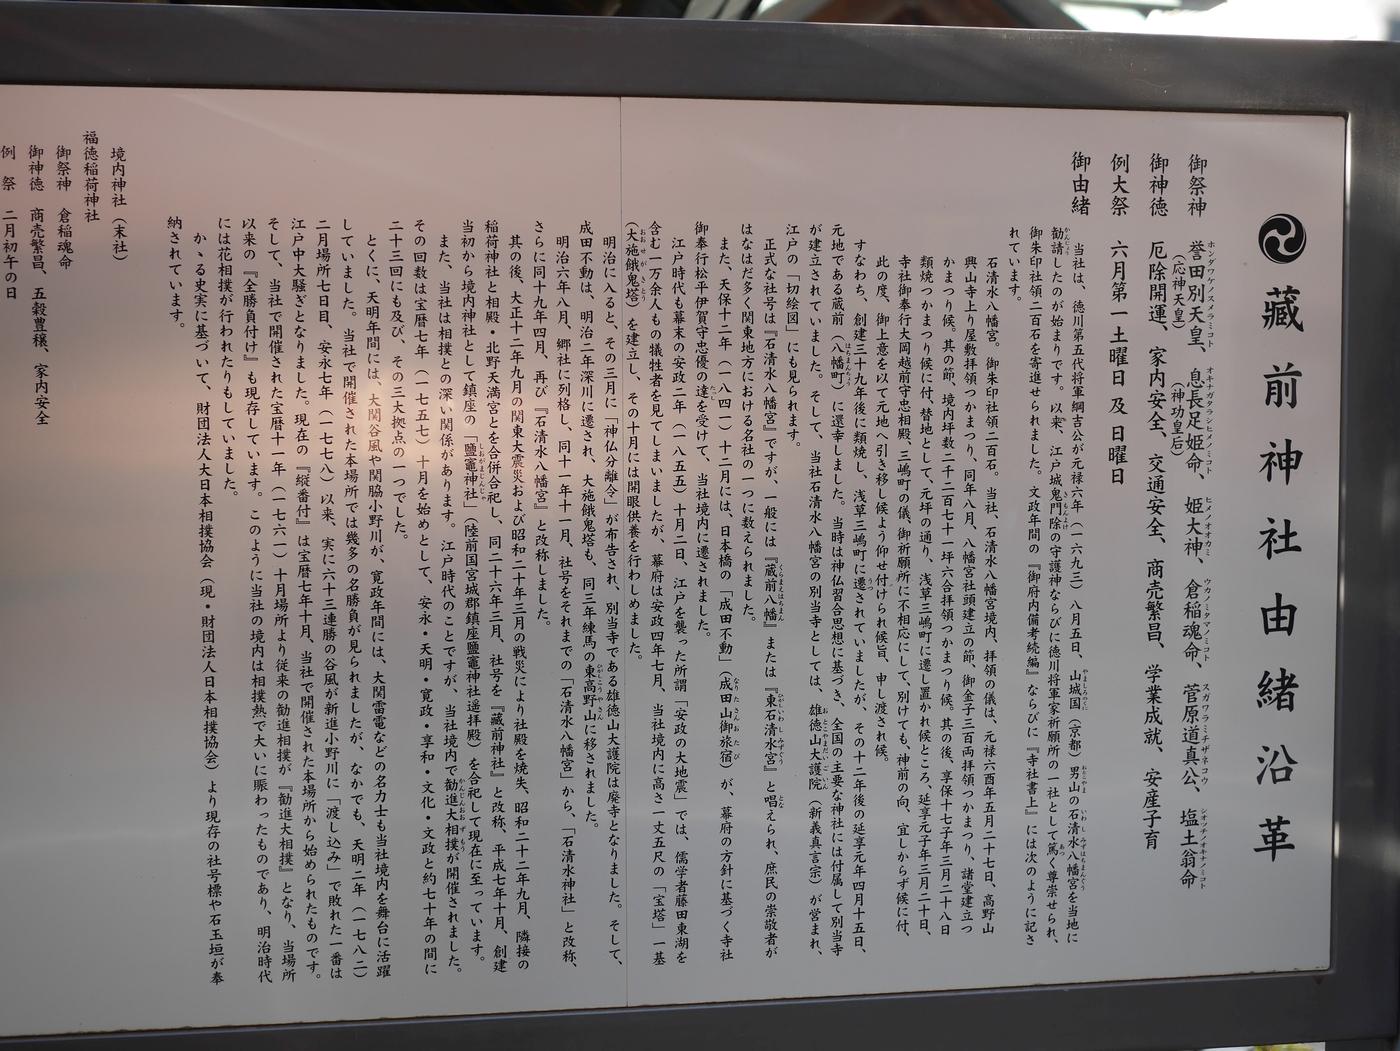 蔵前神社の由来について記した札書きです。